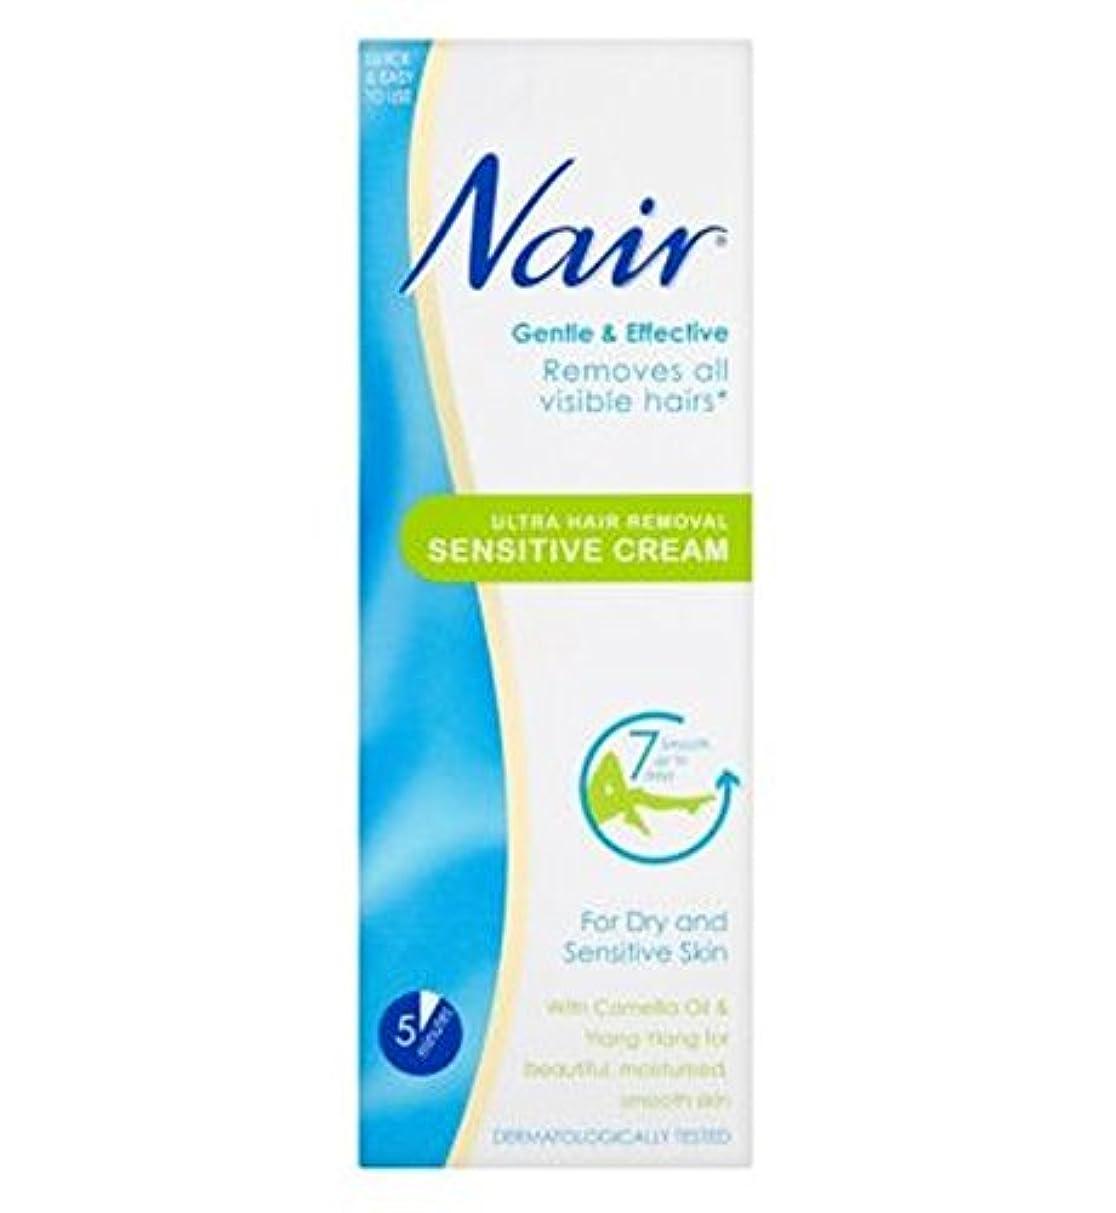 特別にバンクNair Sensitive Hair Removal Cream 200ml - Nairさん敏感な脱毛クリーム200ミリリットル (Nair) [並行輸入品]